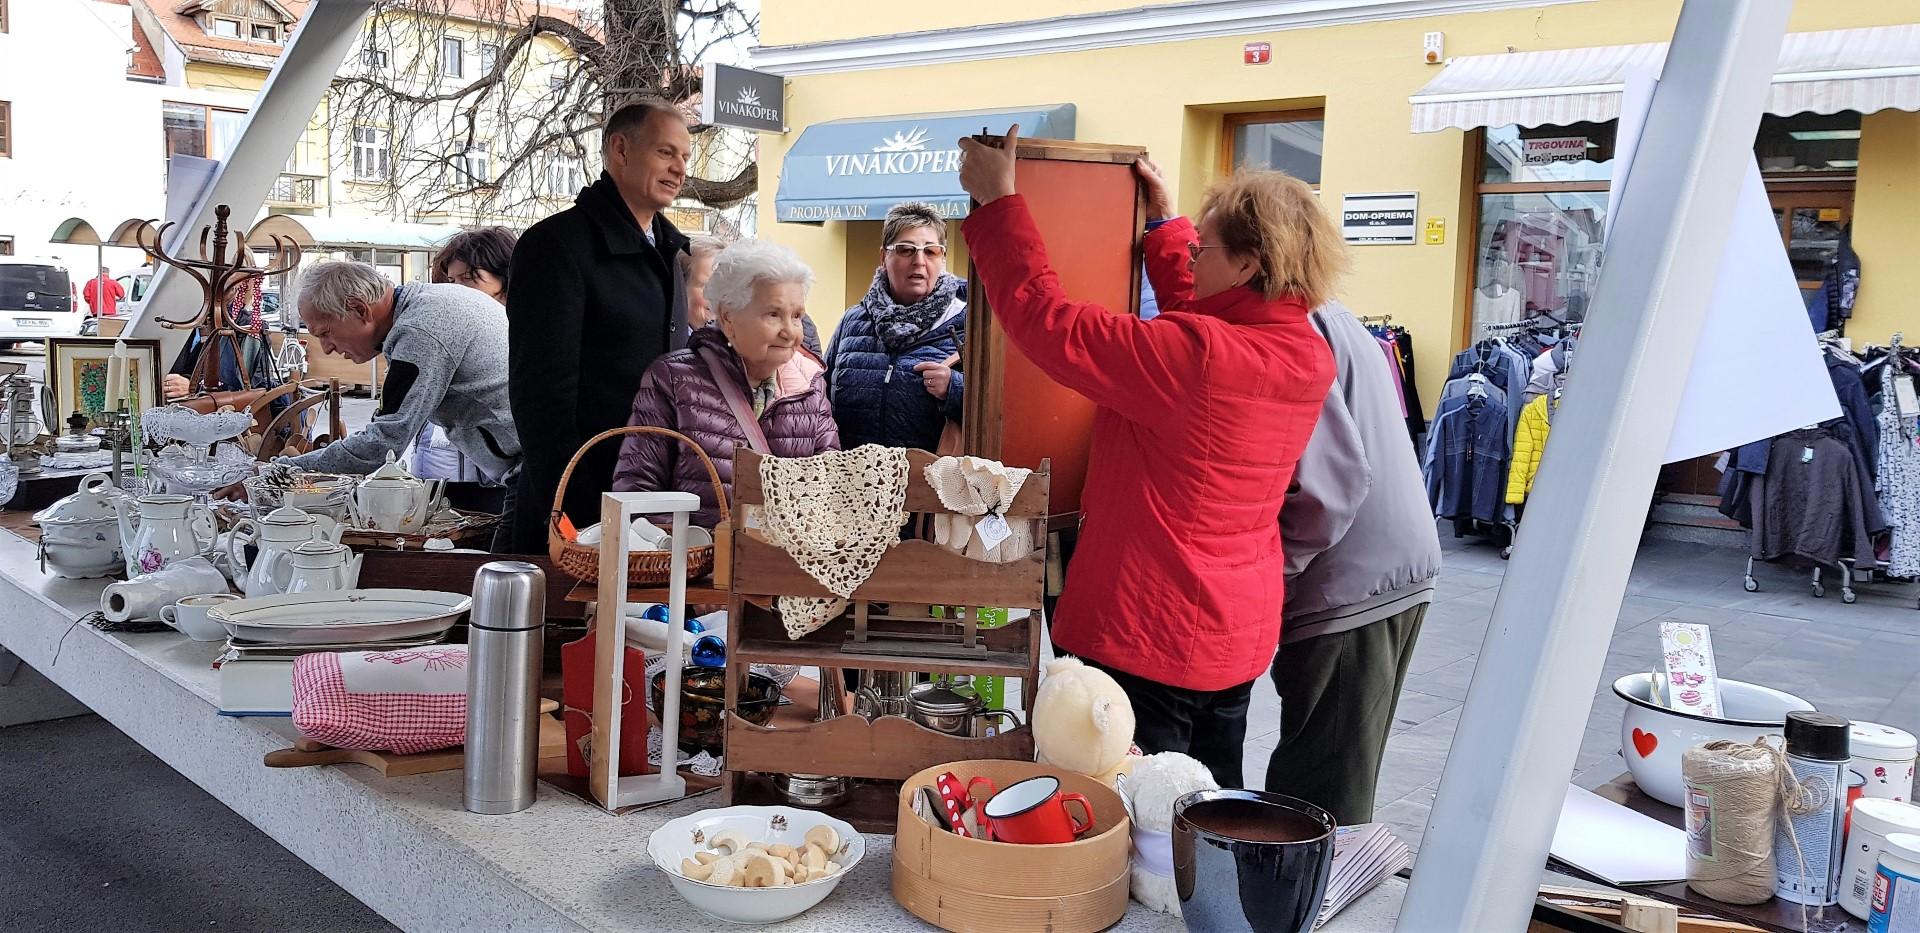 Zanimanje je bilo veliko. Obiskovalce so navdušili predvsem starinski predmeti.